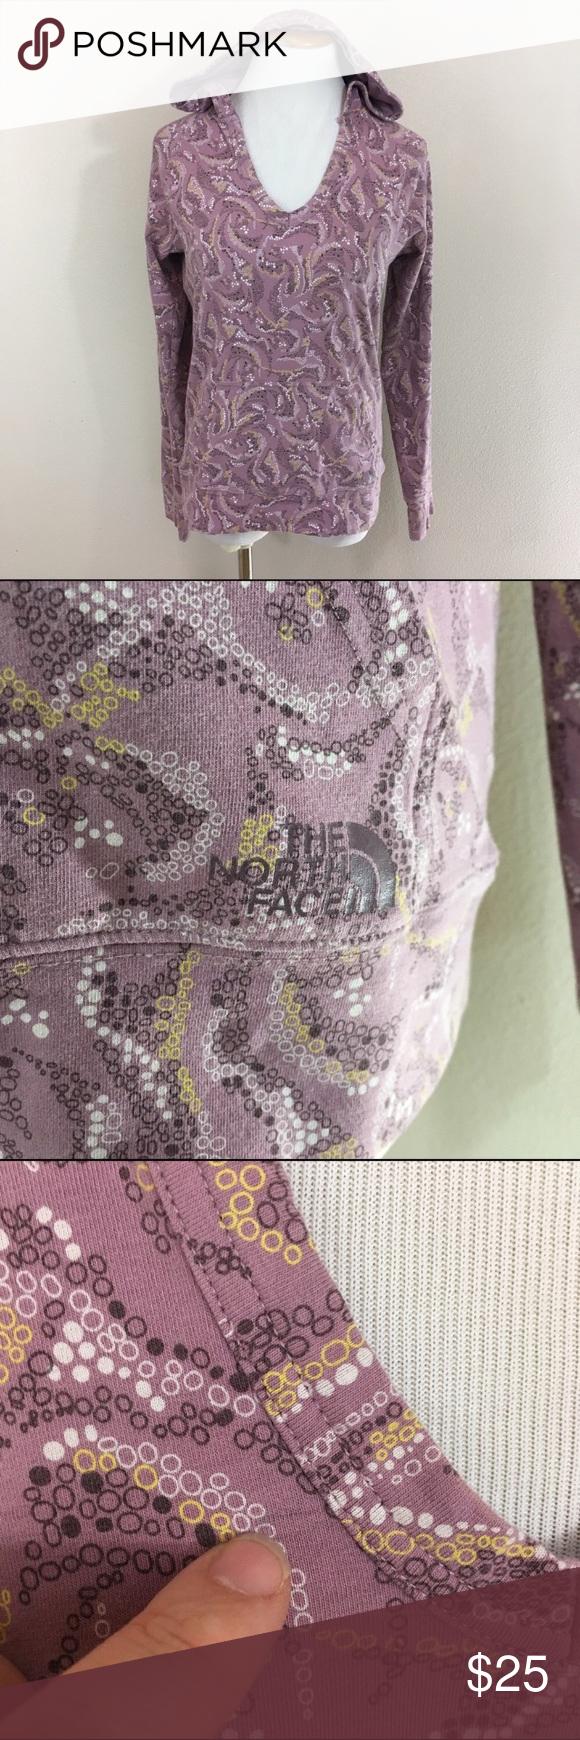 The North Face Purple Pullover Hoodie Top Medium N North Face Tops Sweatshirts & Hoodies